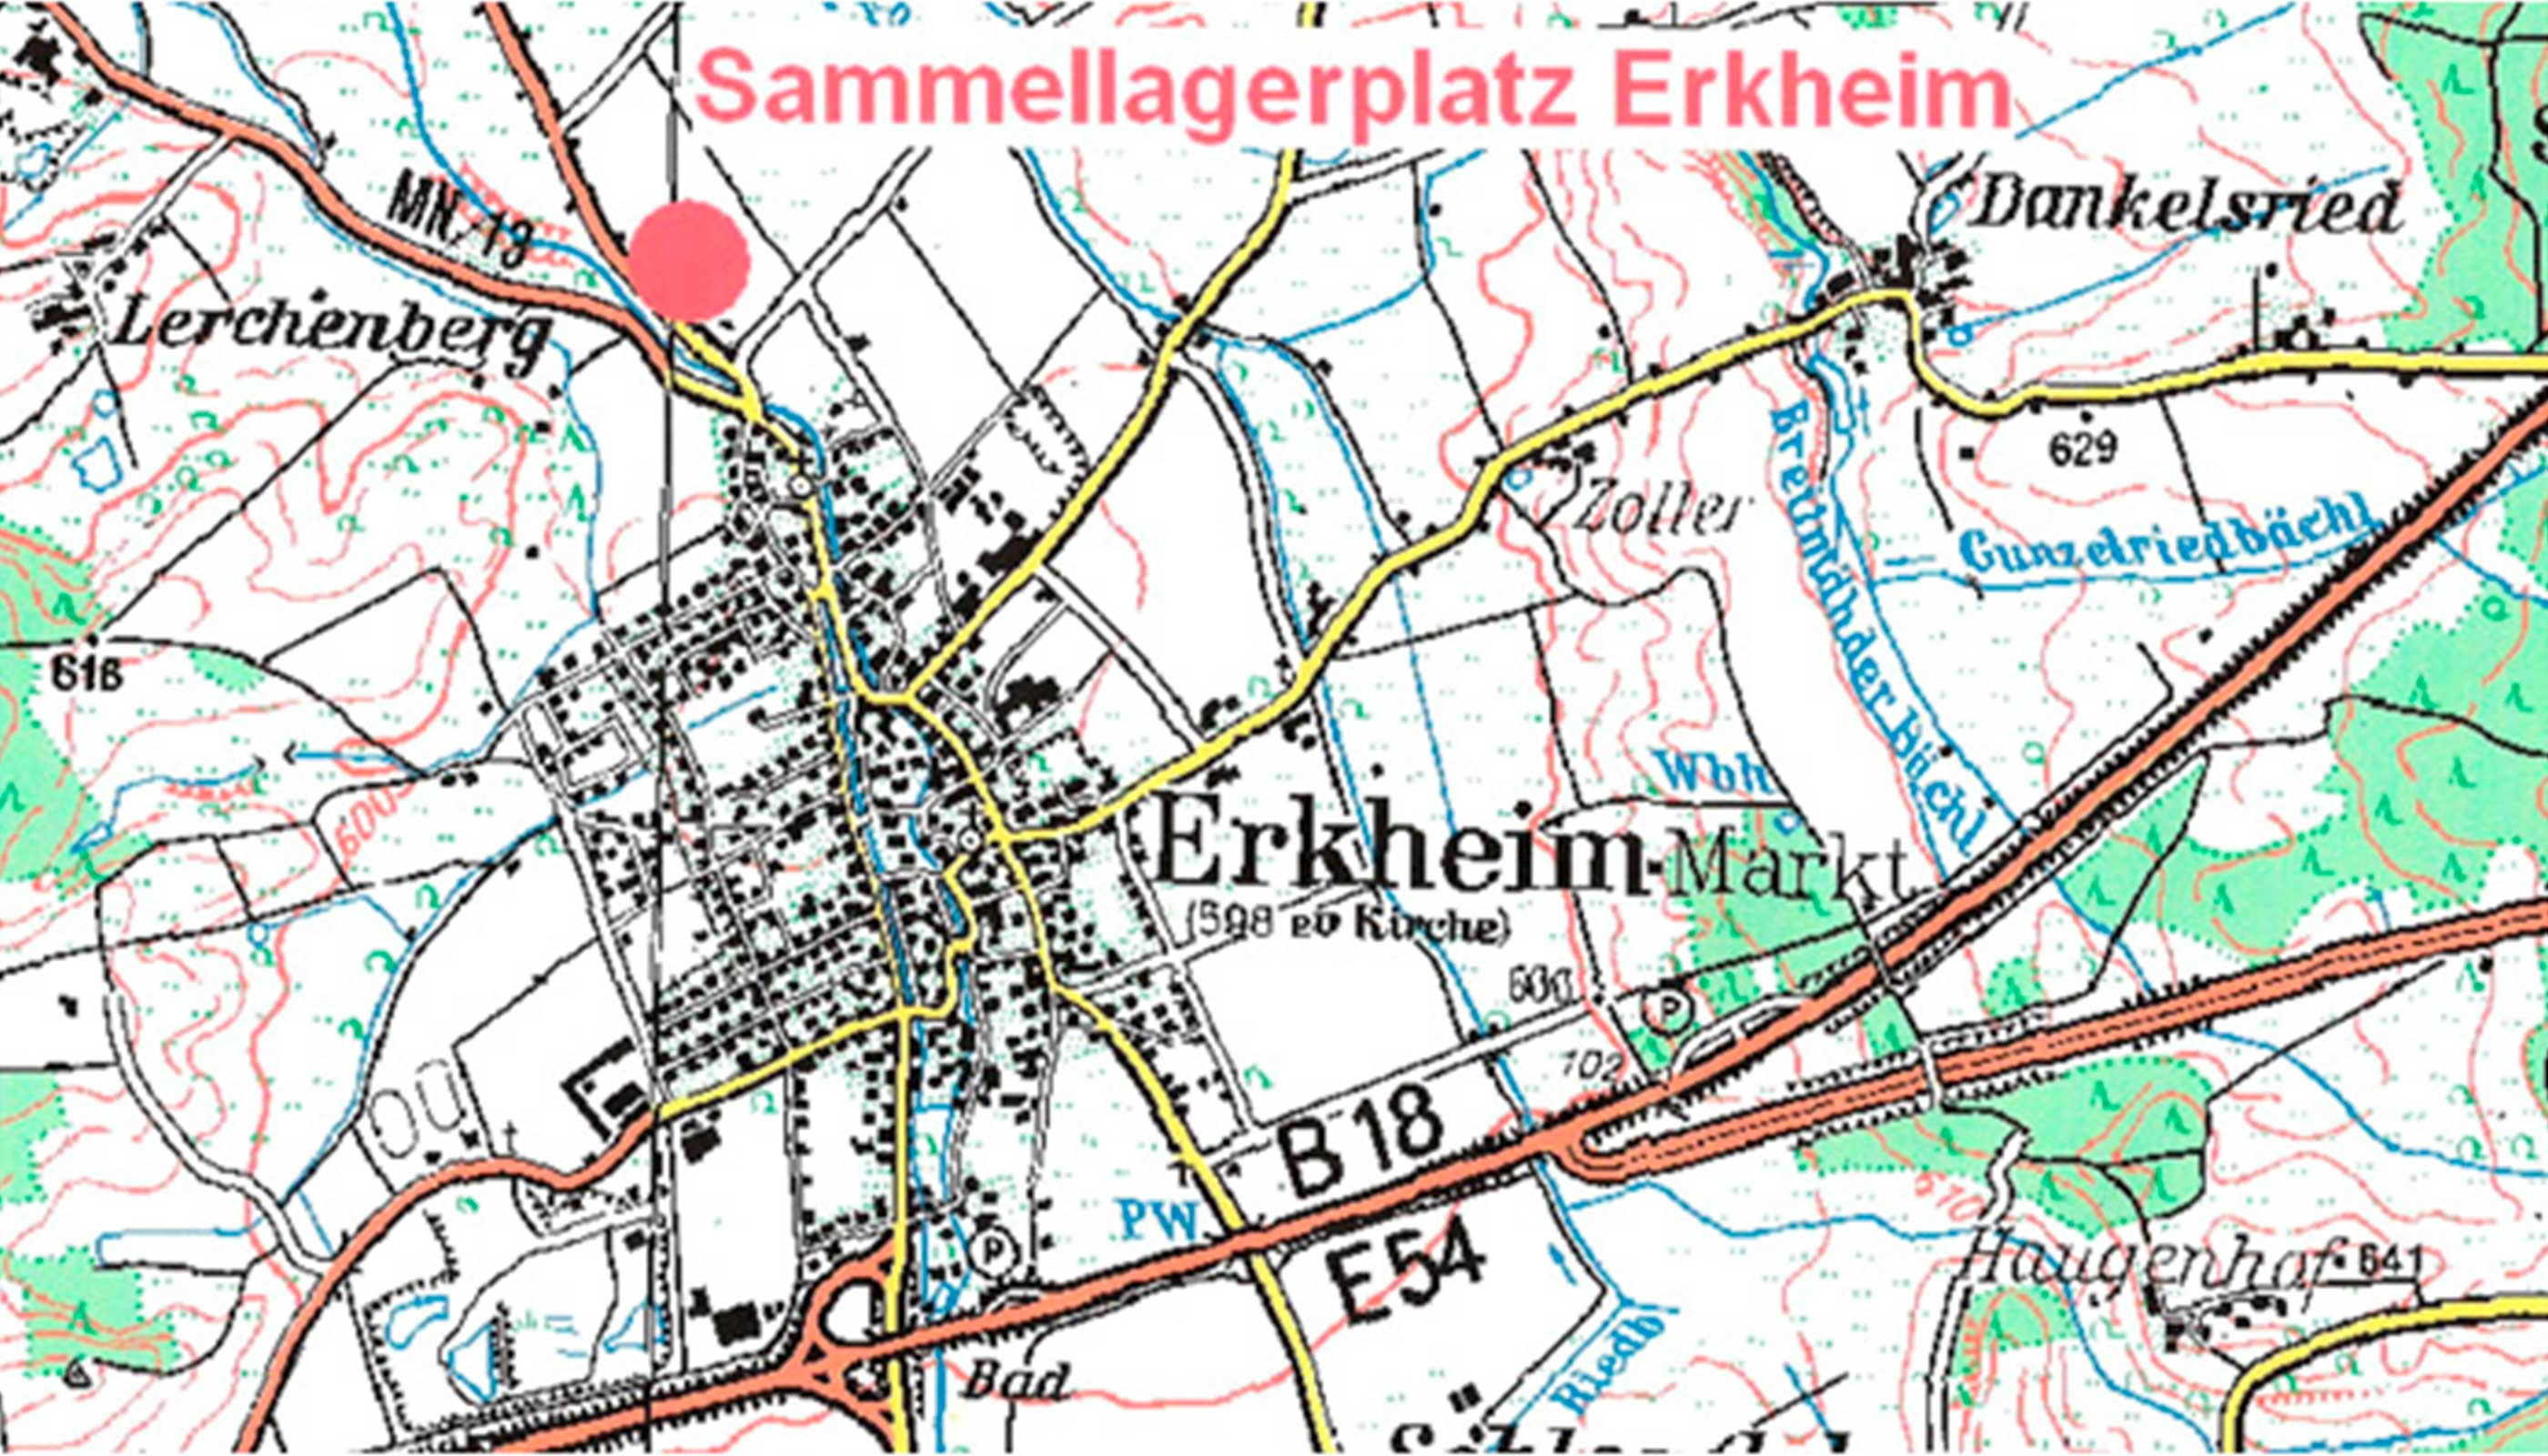 Sammellagerplatz Erkheim